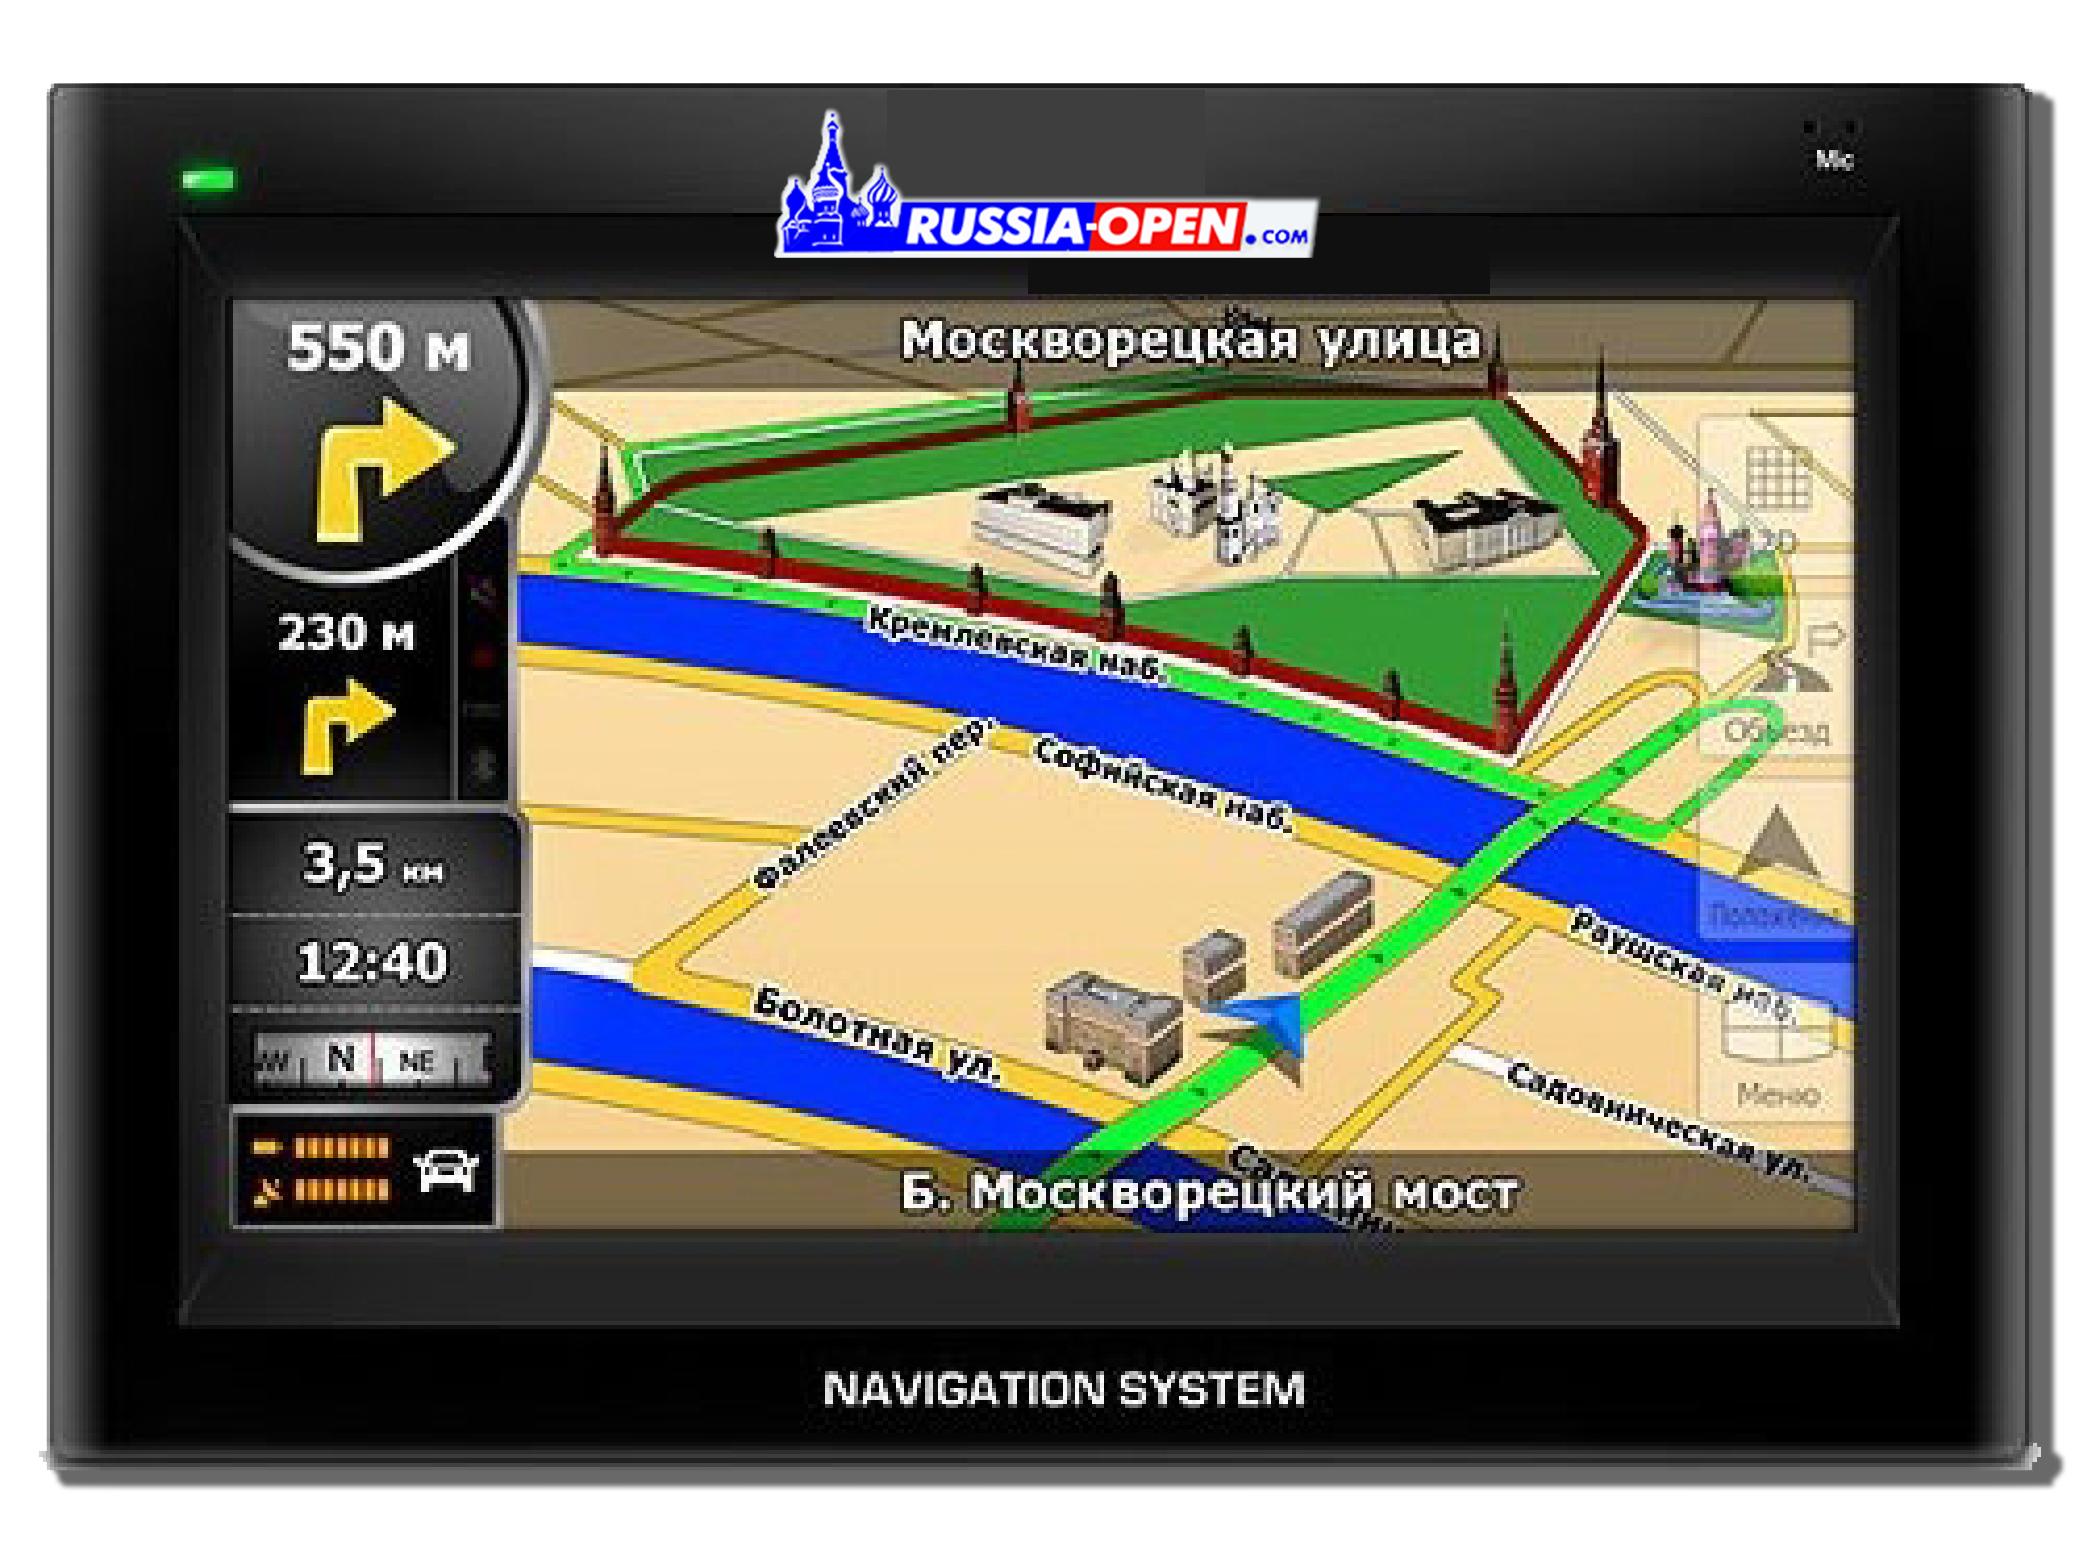 Сравнить системы навигации 9 фотография